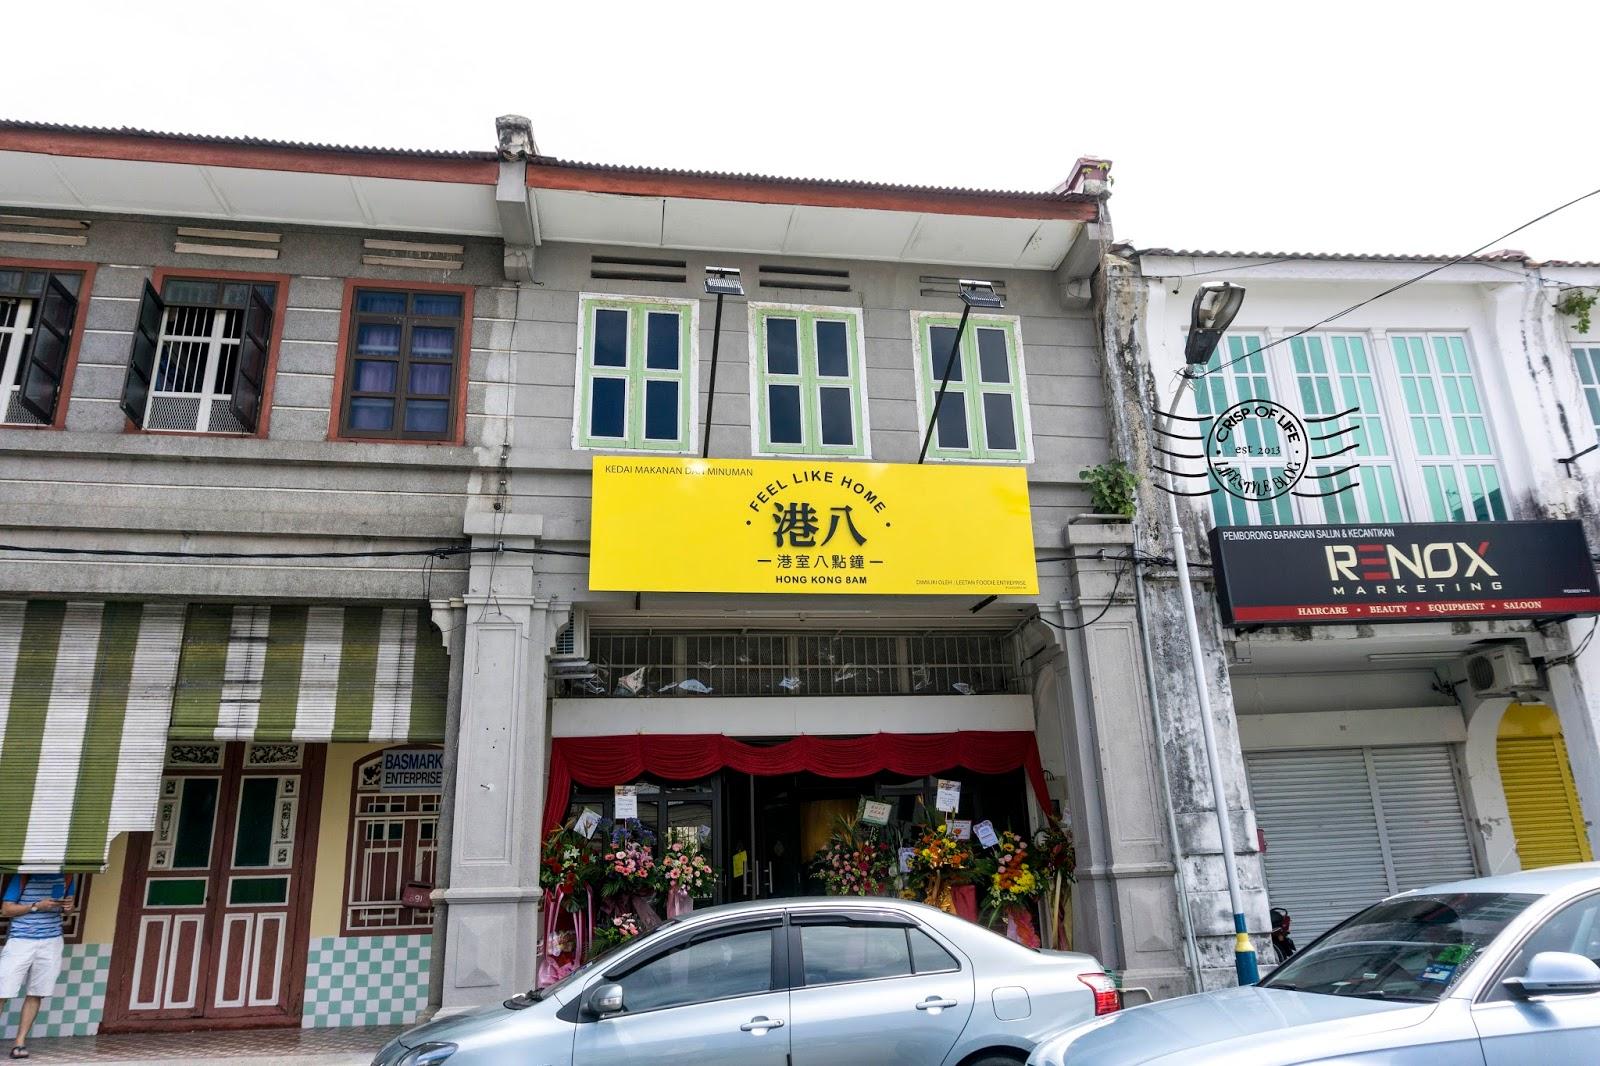 Hong Kong 8am Lorong Macalister